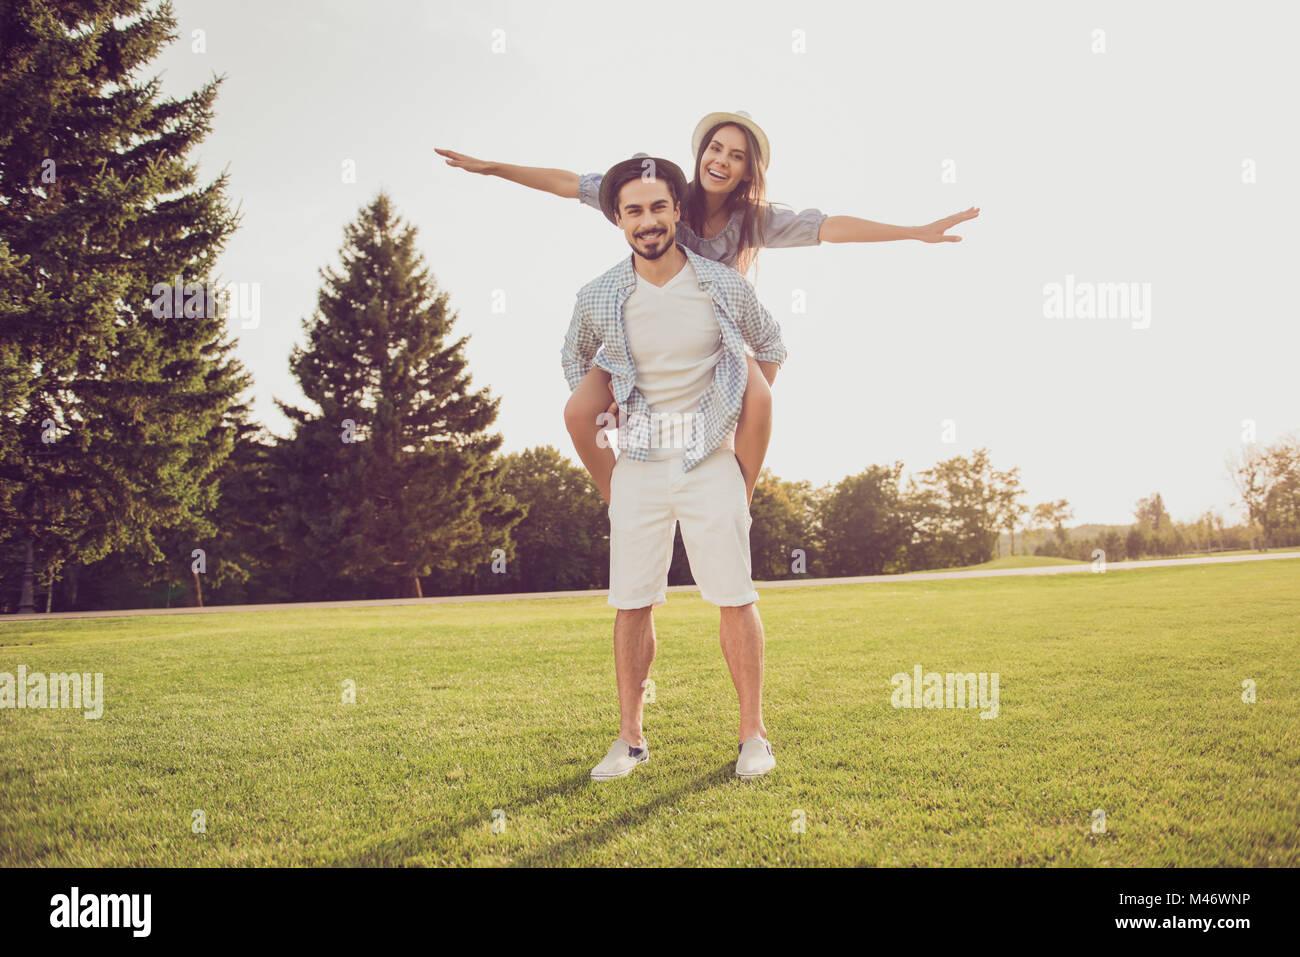 Lindo dulce pareja aprovechar su dama, ella cabalga a él. Fecha fuera, bien vestidos, emocionados, precioso. Imagen De Stock